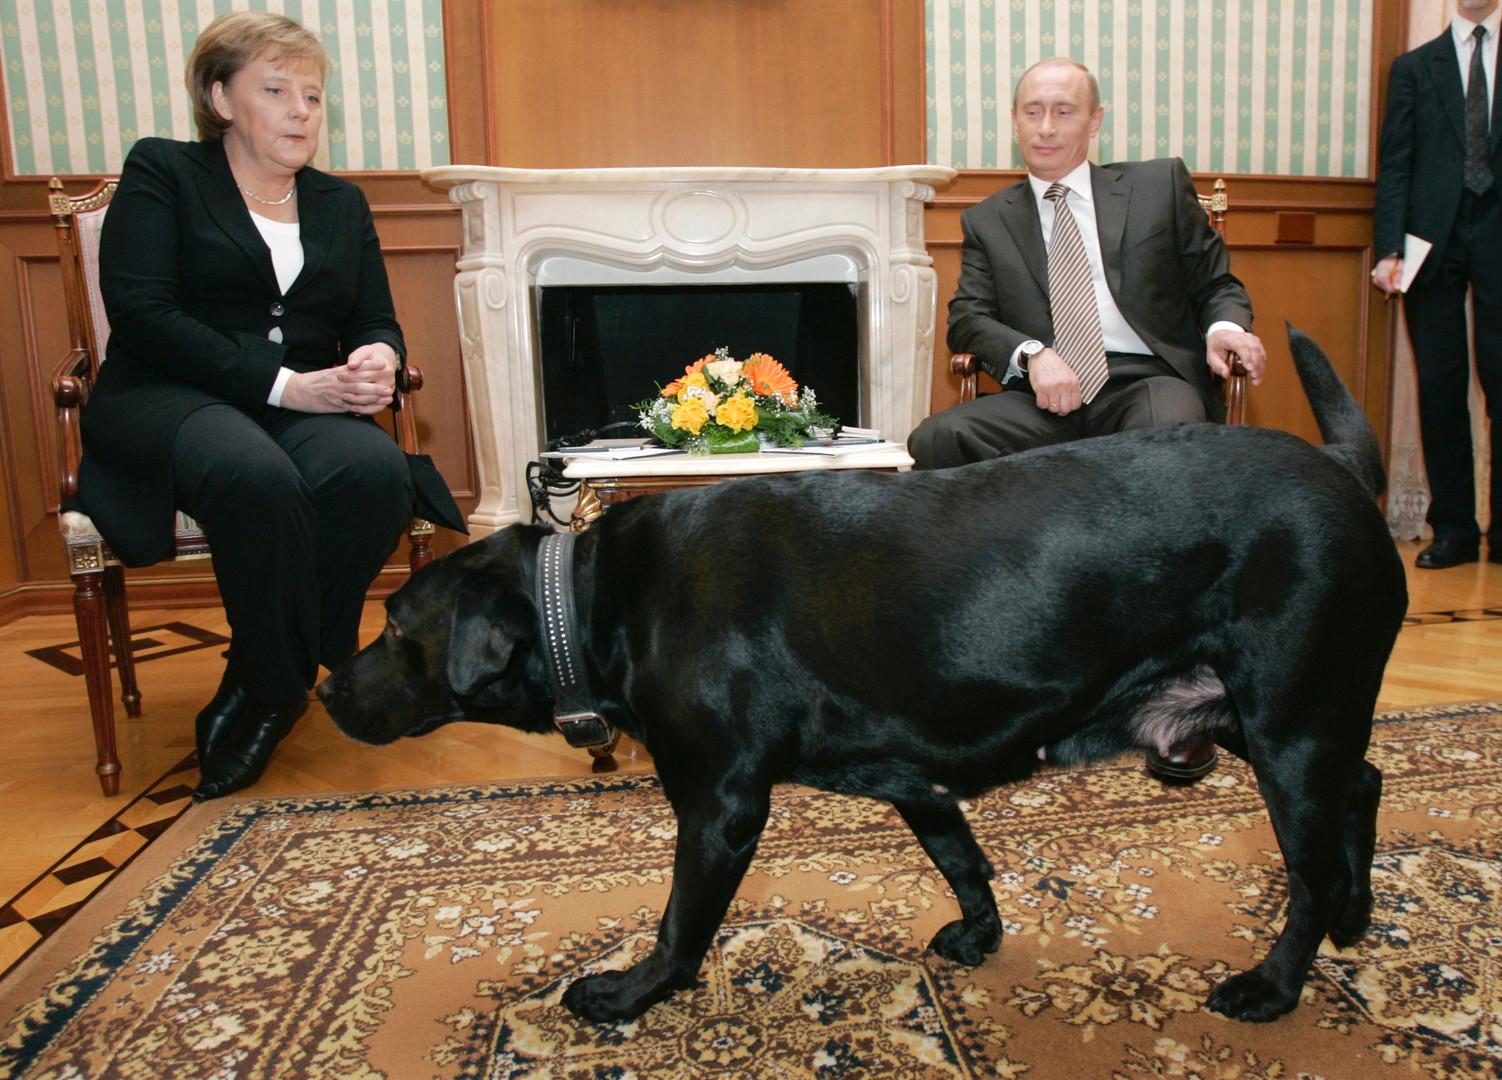 Nach Eklat mit Putins Hund - Merkel plötzlich von Hundephobie befreit?